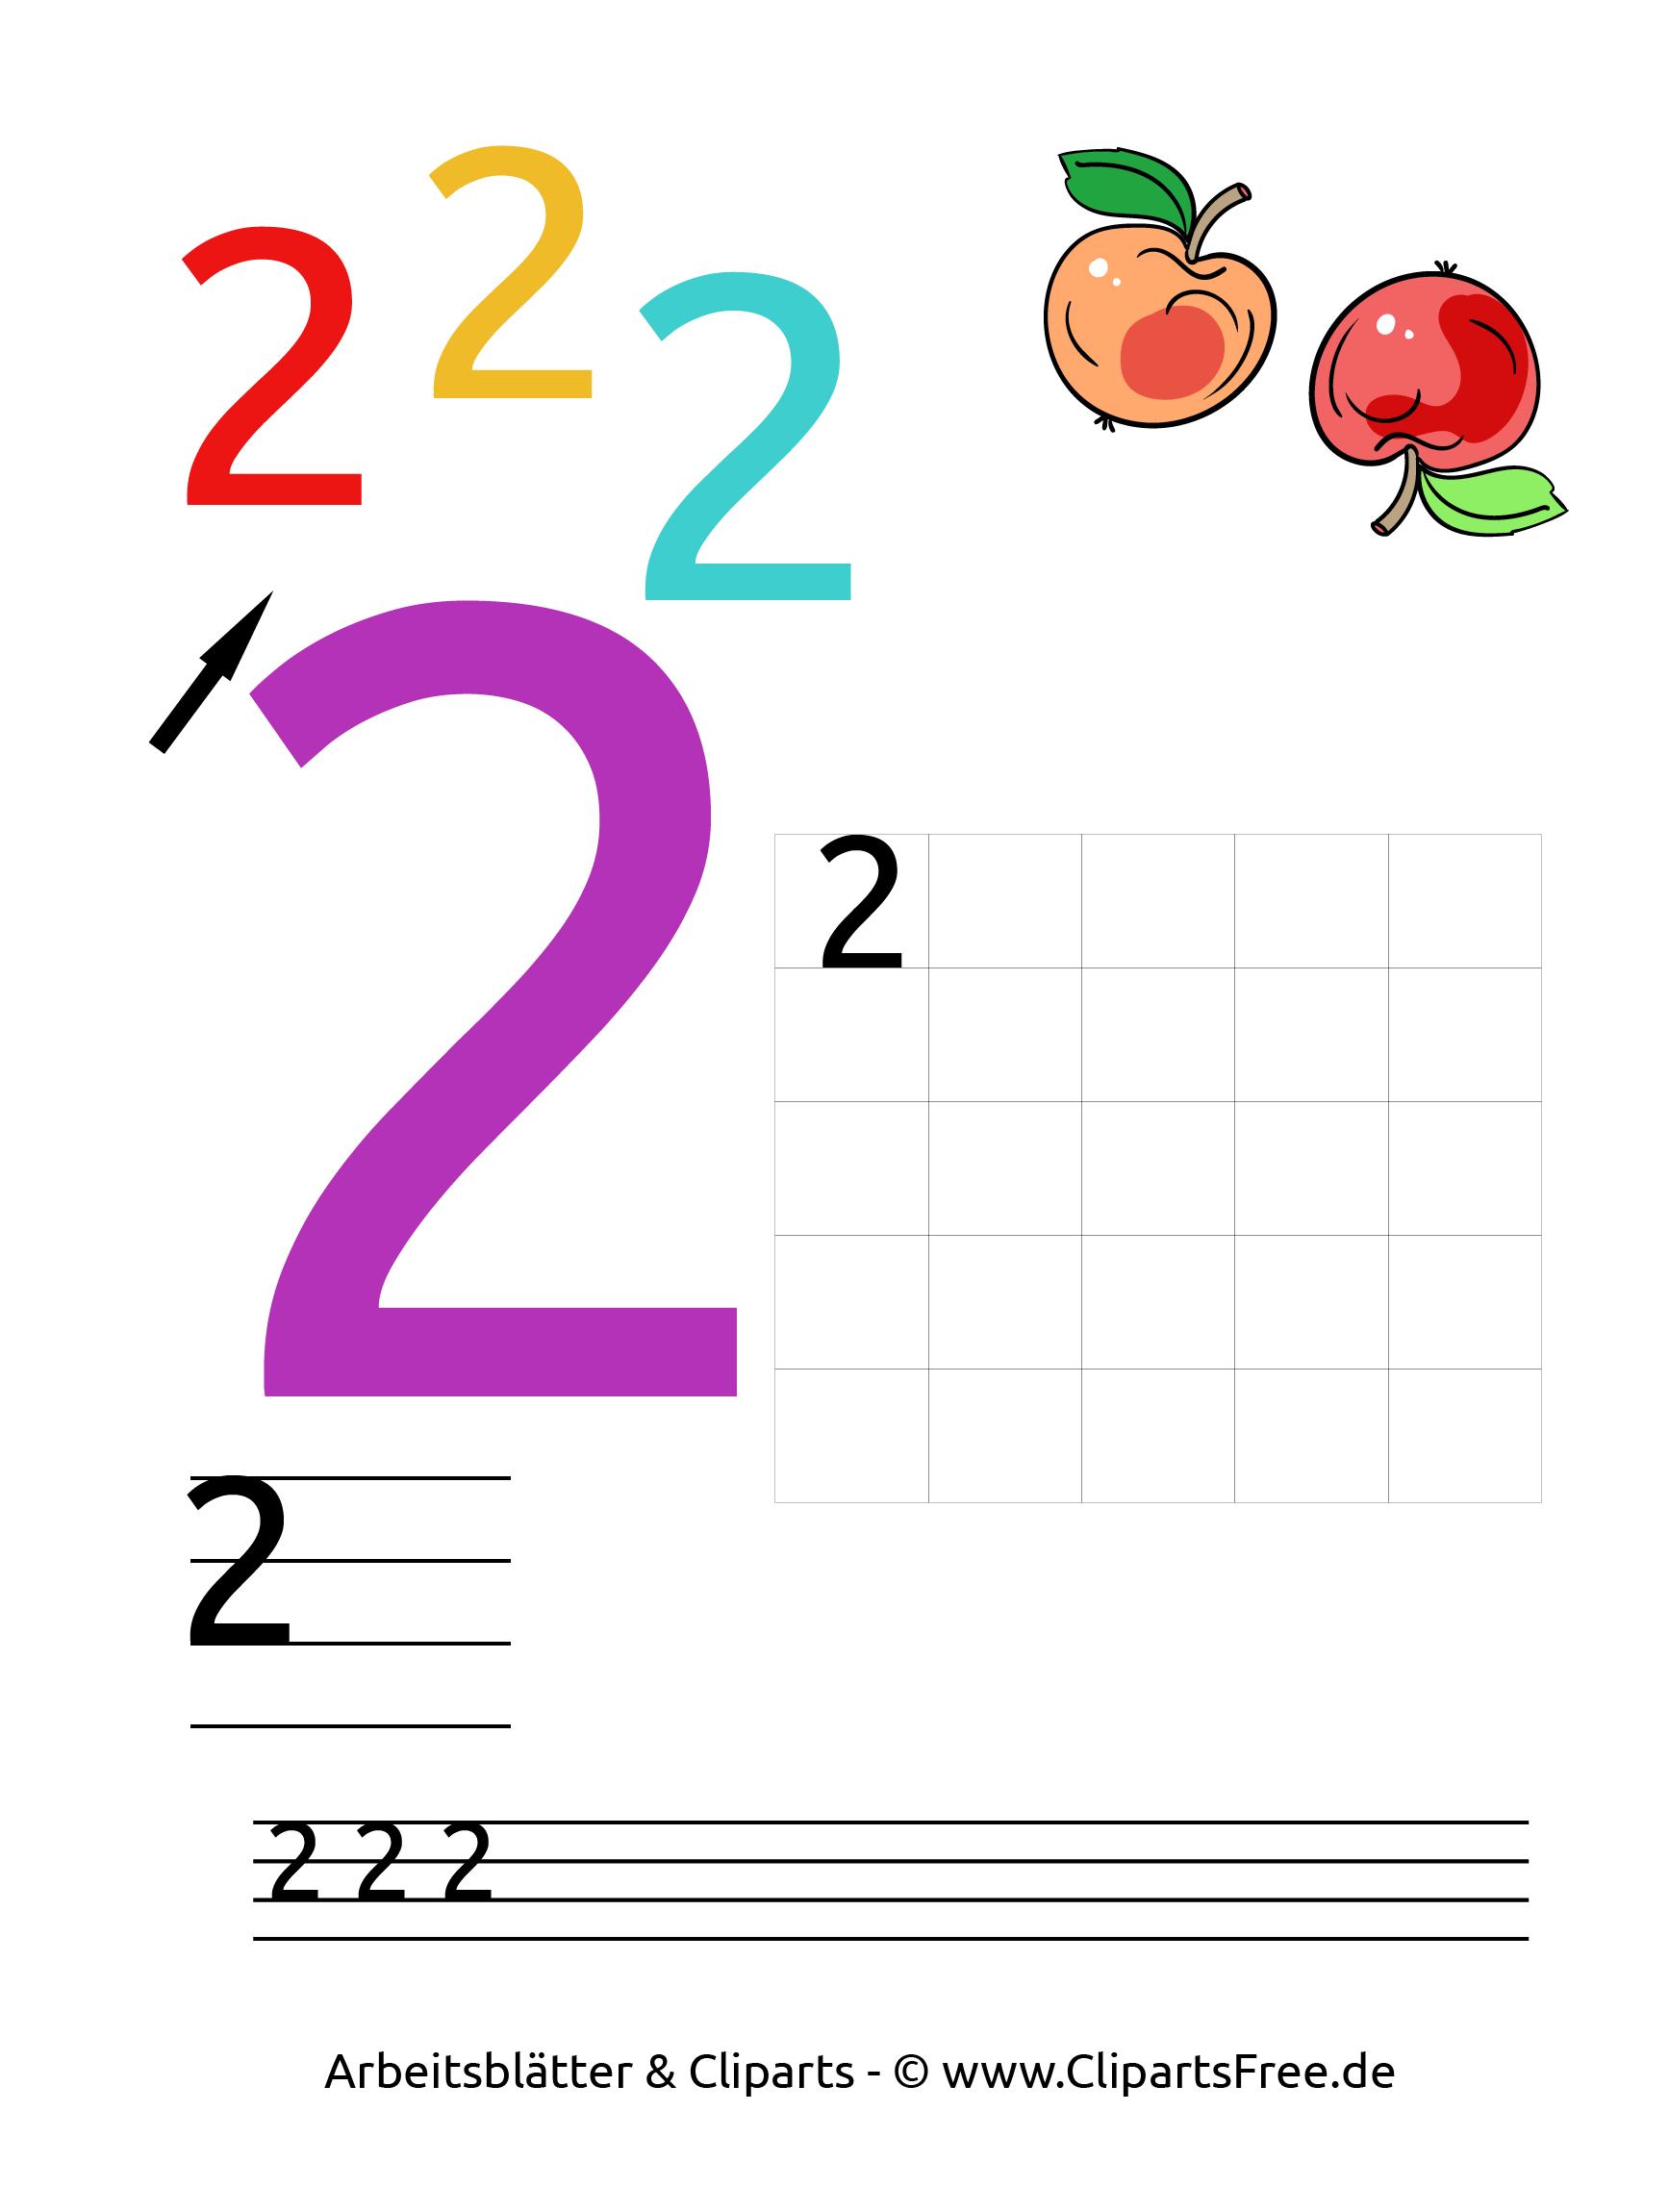 2 - Kostenlose Arbeitsblätter Für Die Vorschule mit Vorschule Arbeitsblätter Kostenlos